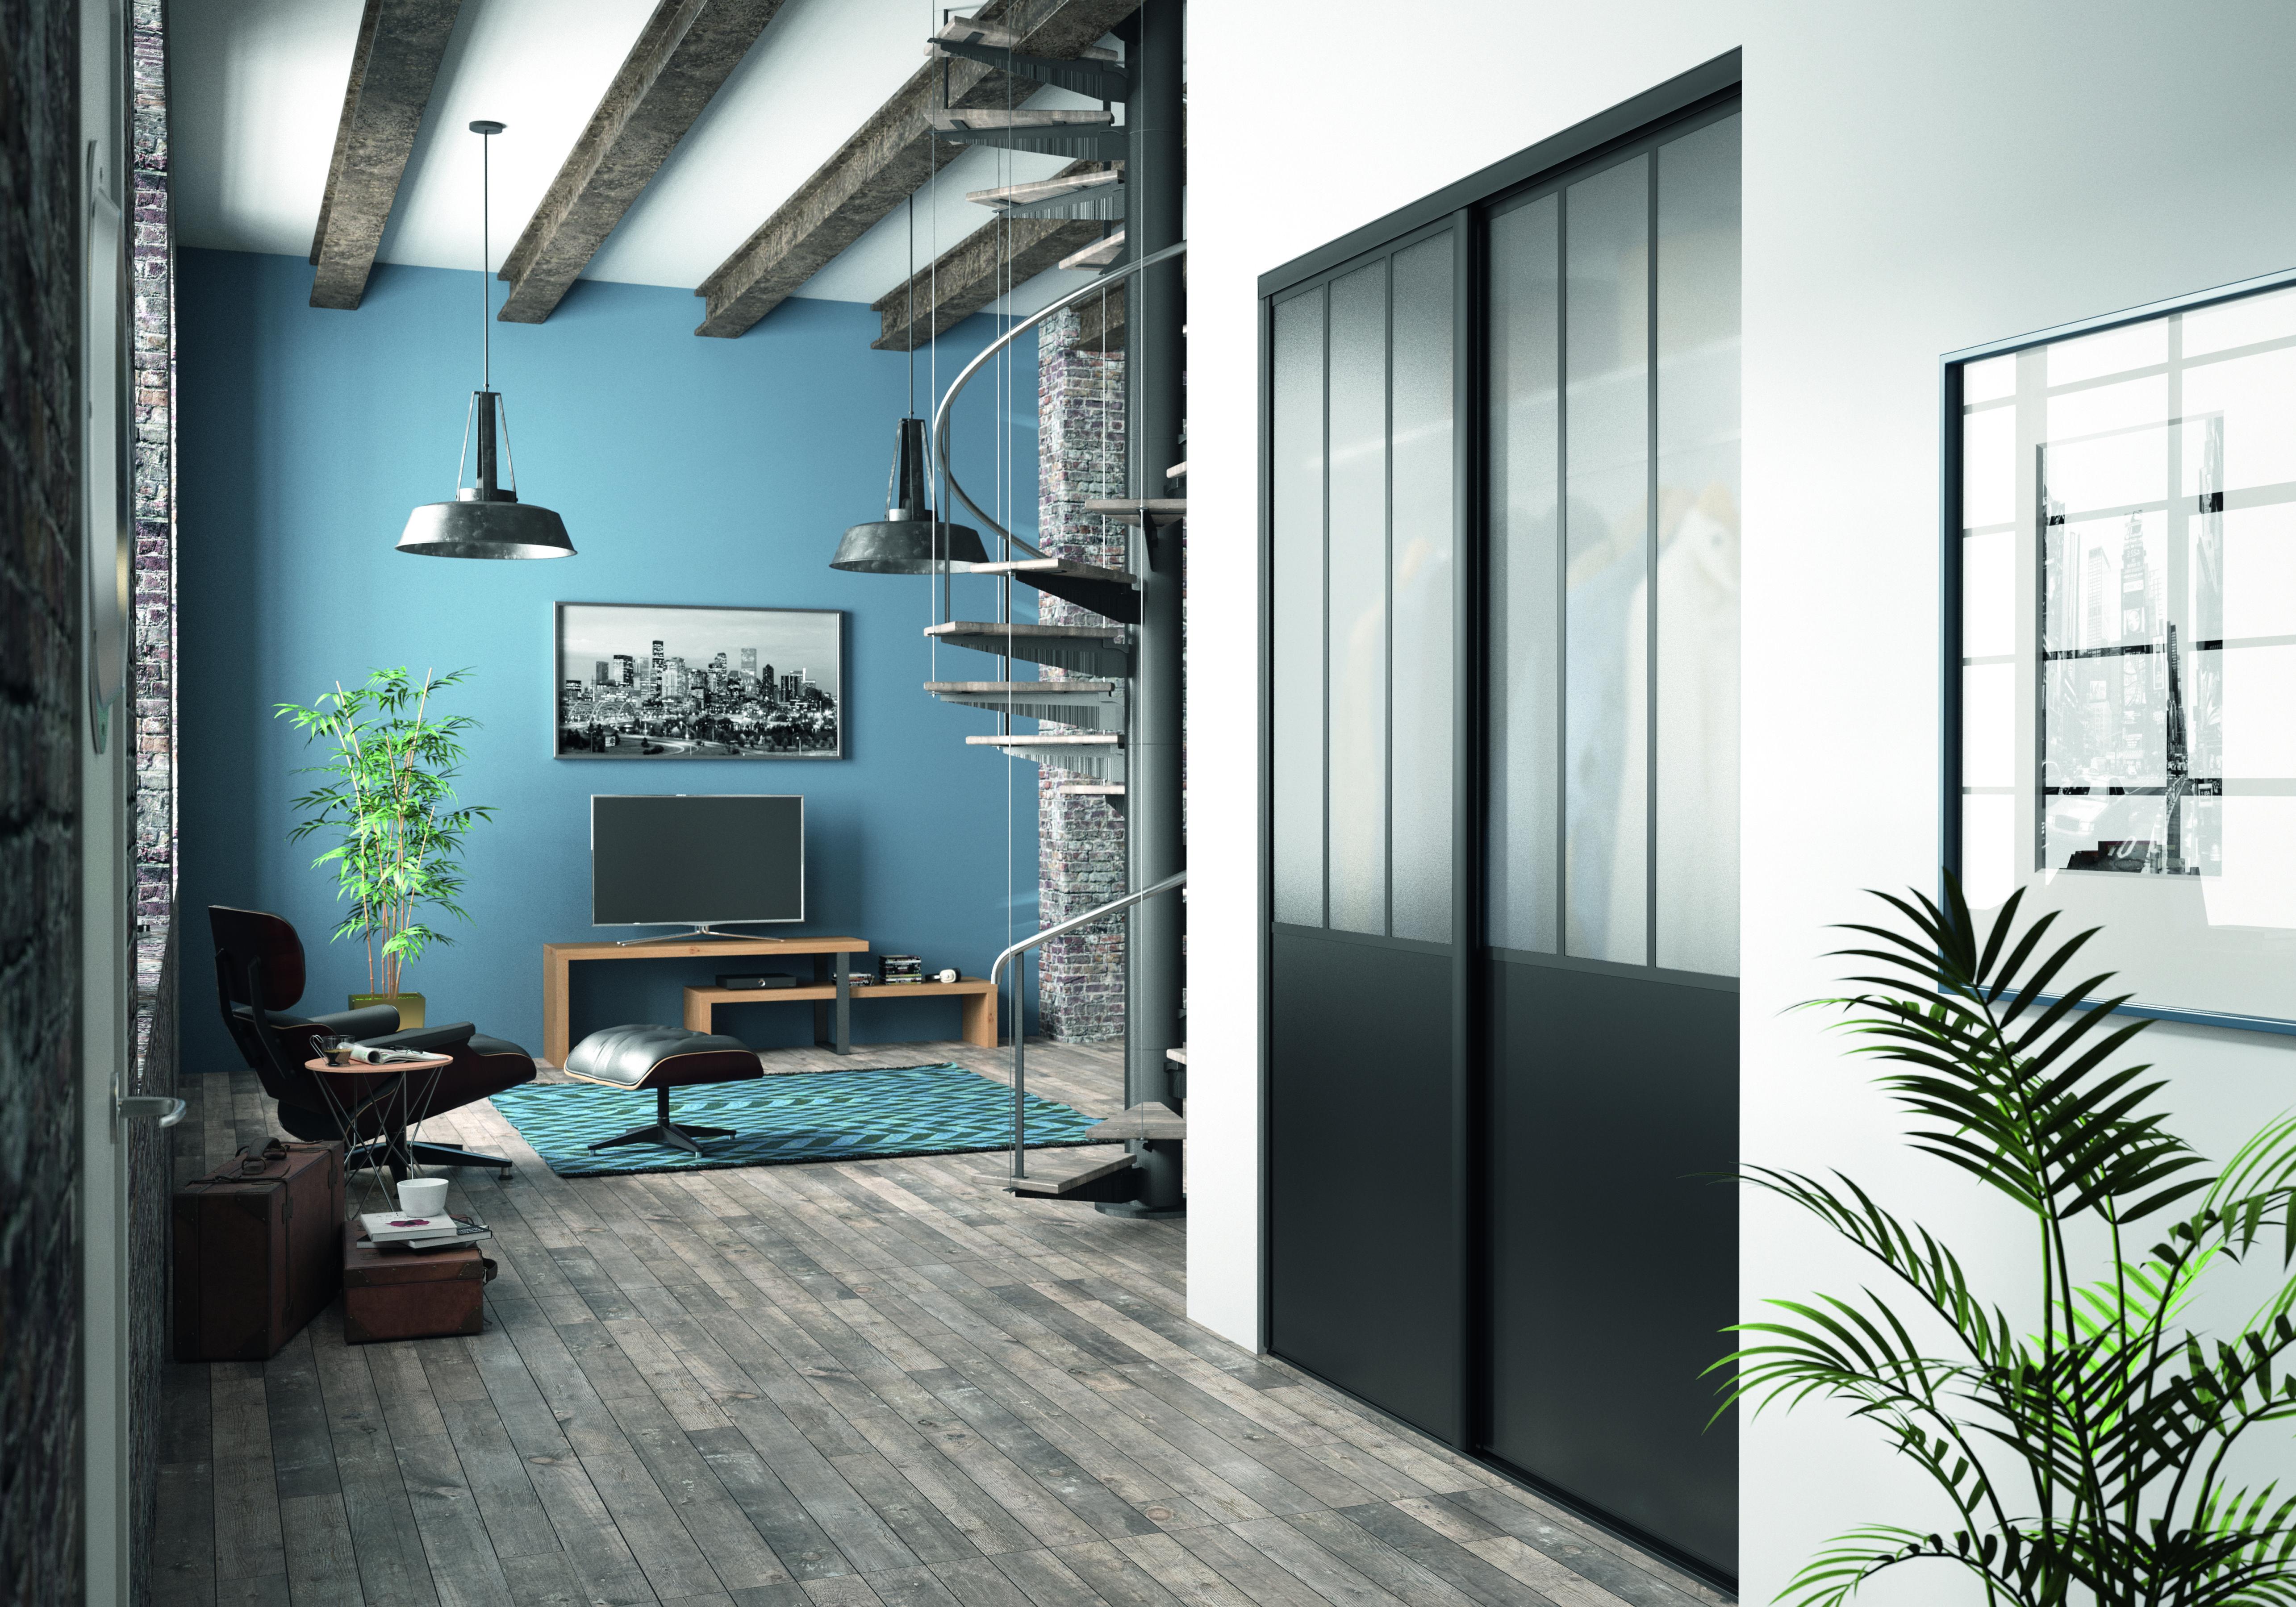 Le Style Atelier S Impose Des L Entree Avec Les Facades De Placard Kazed Placard Deco Tendance Entree Placard Coulissant Vitre Porte Coulissante